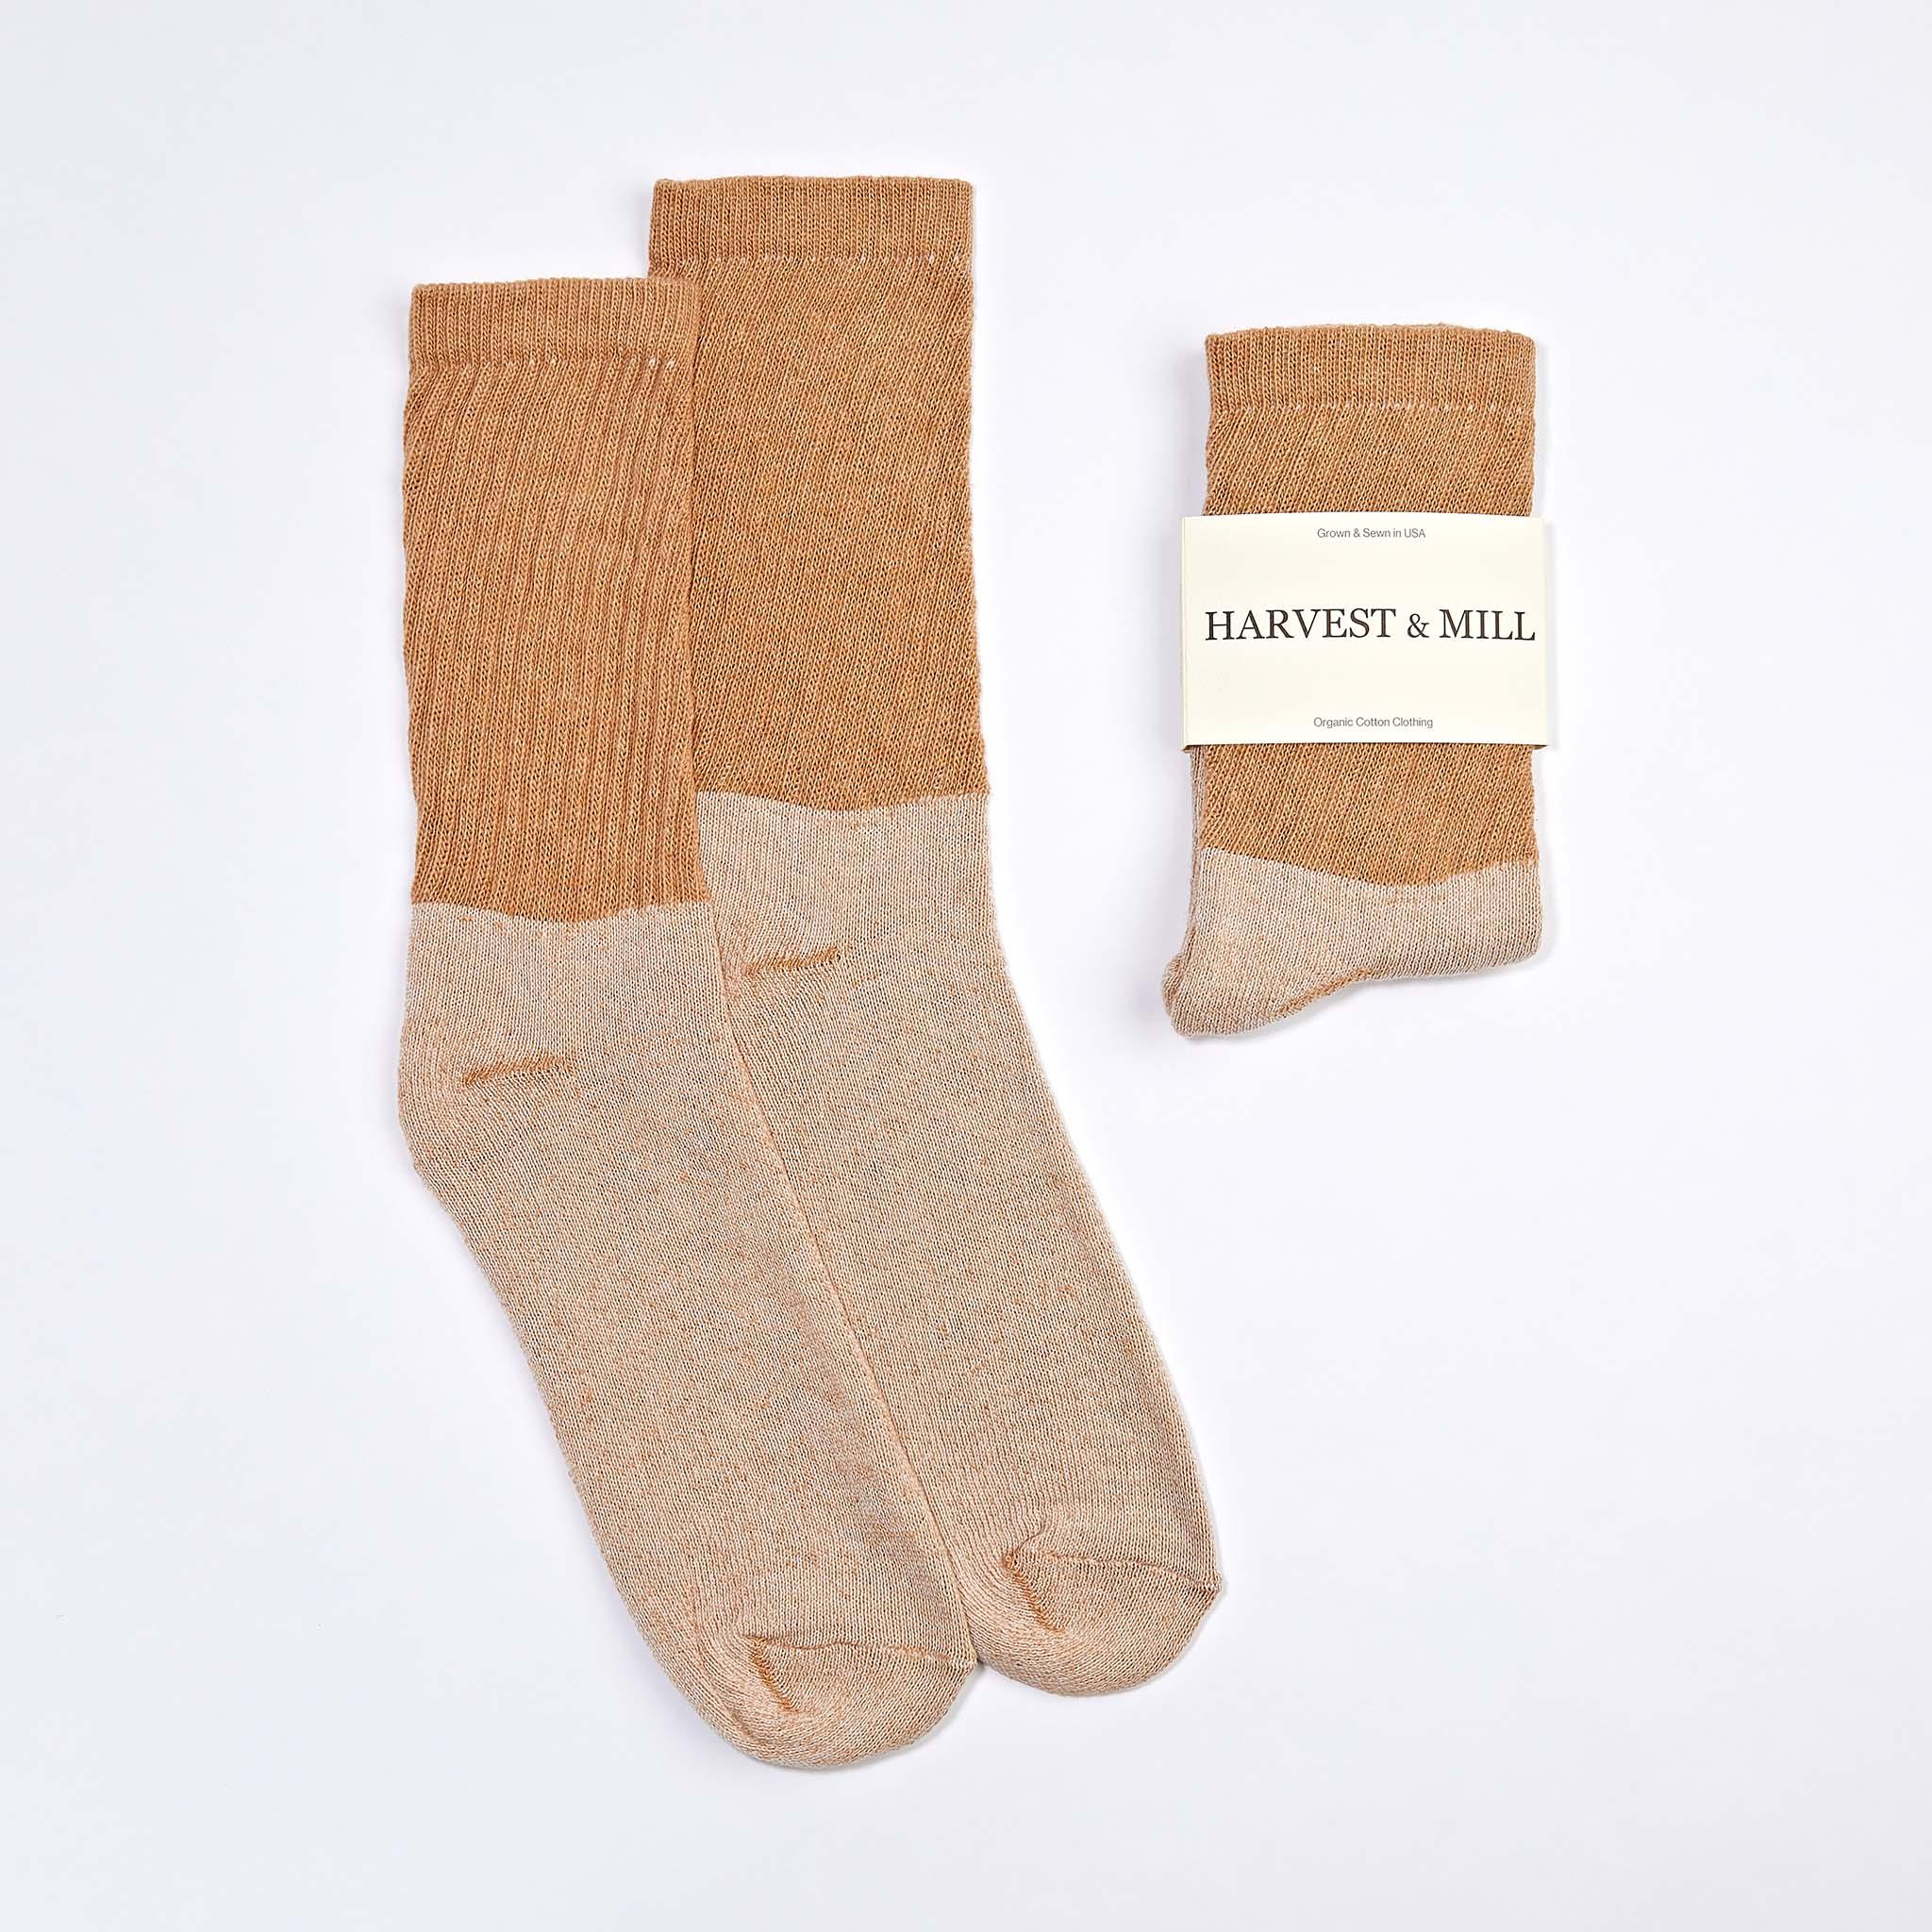 harvest-mill-organic-colorgrown-brown-crew-sock-1.jpg